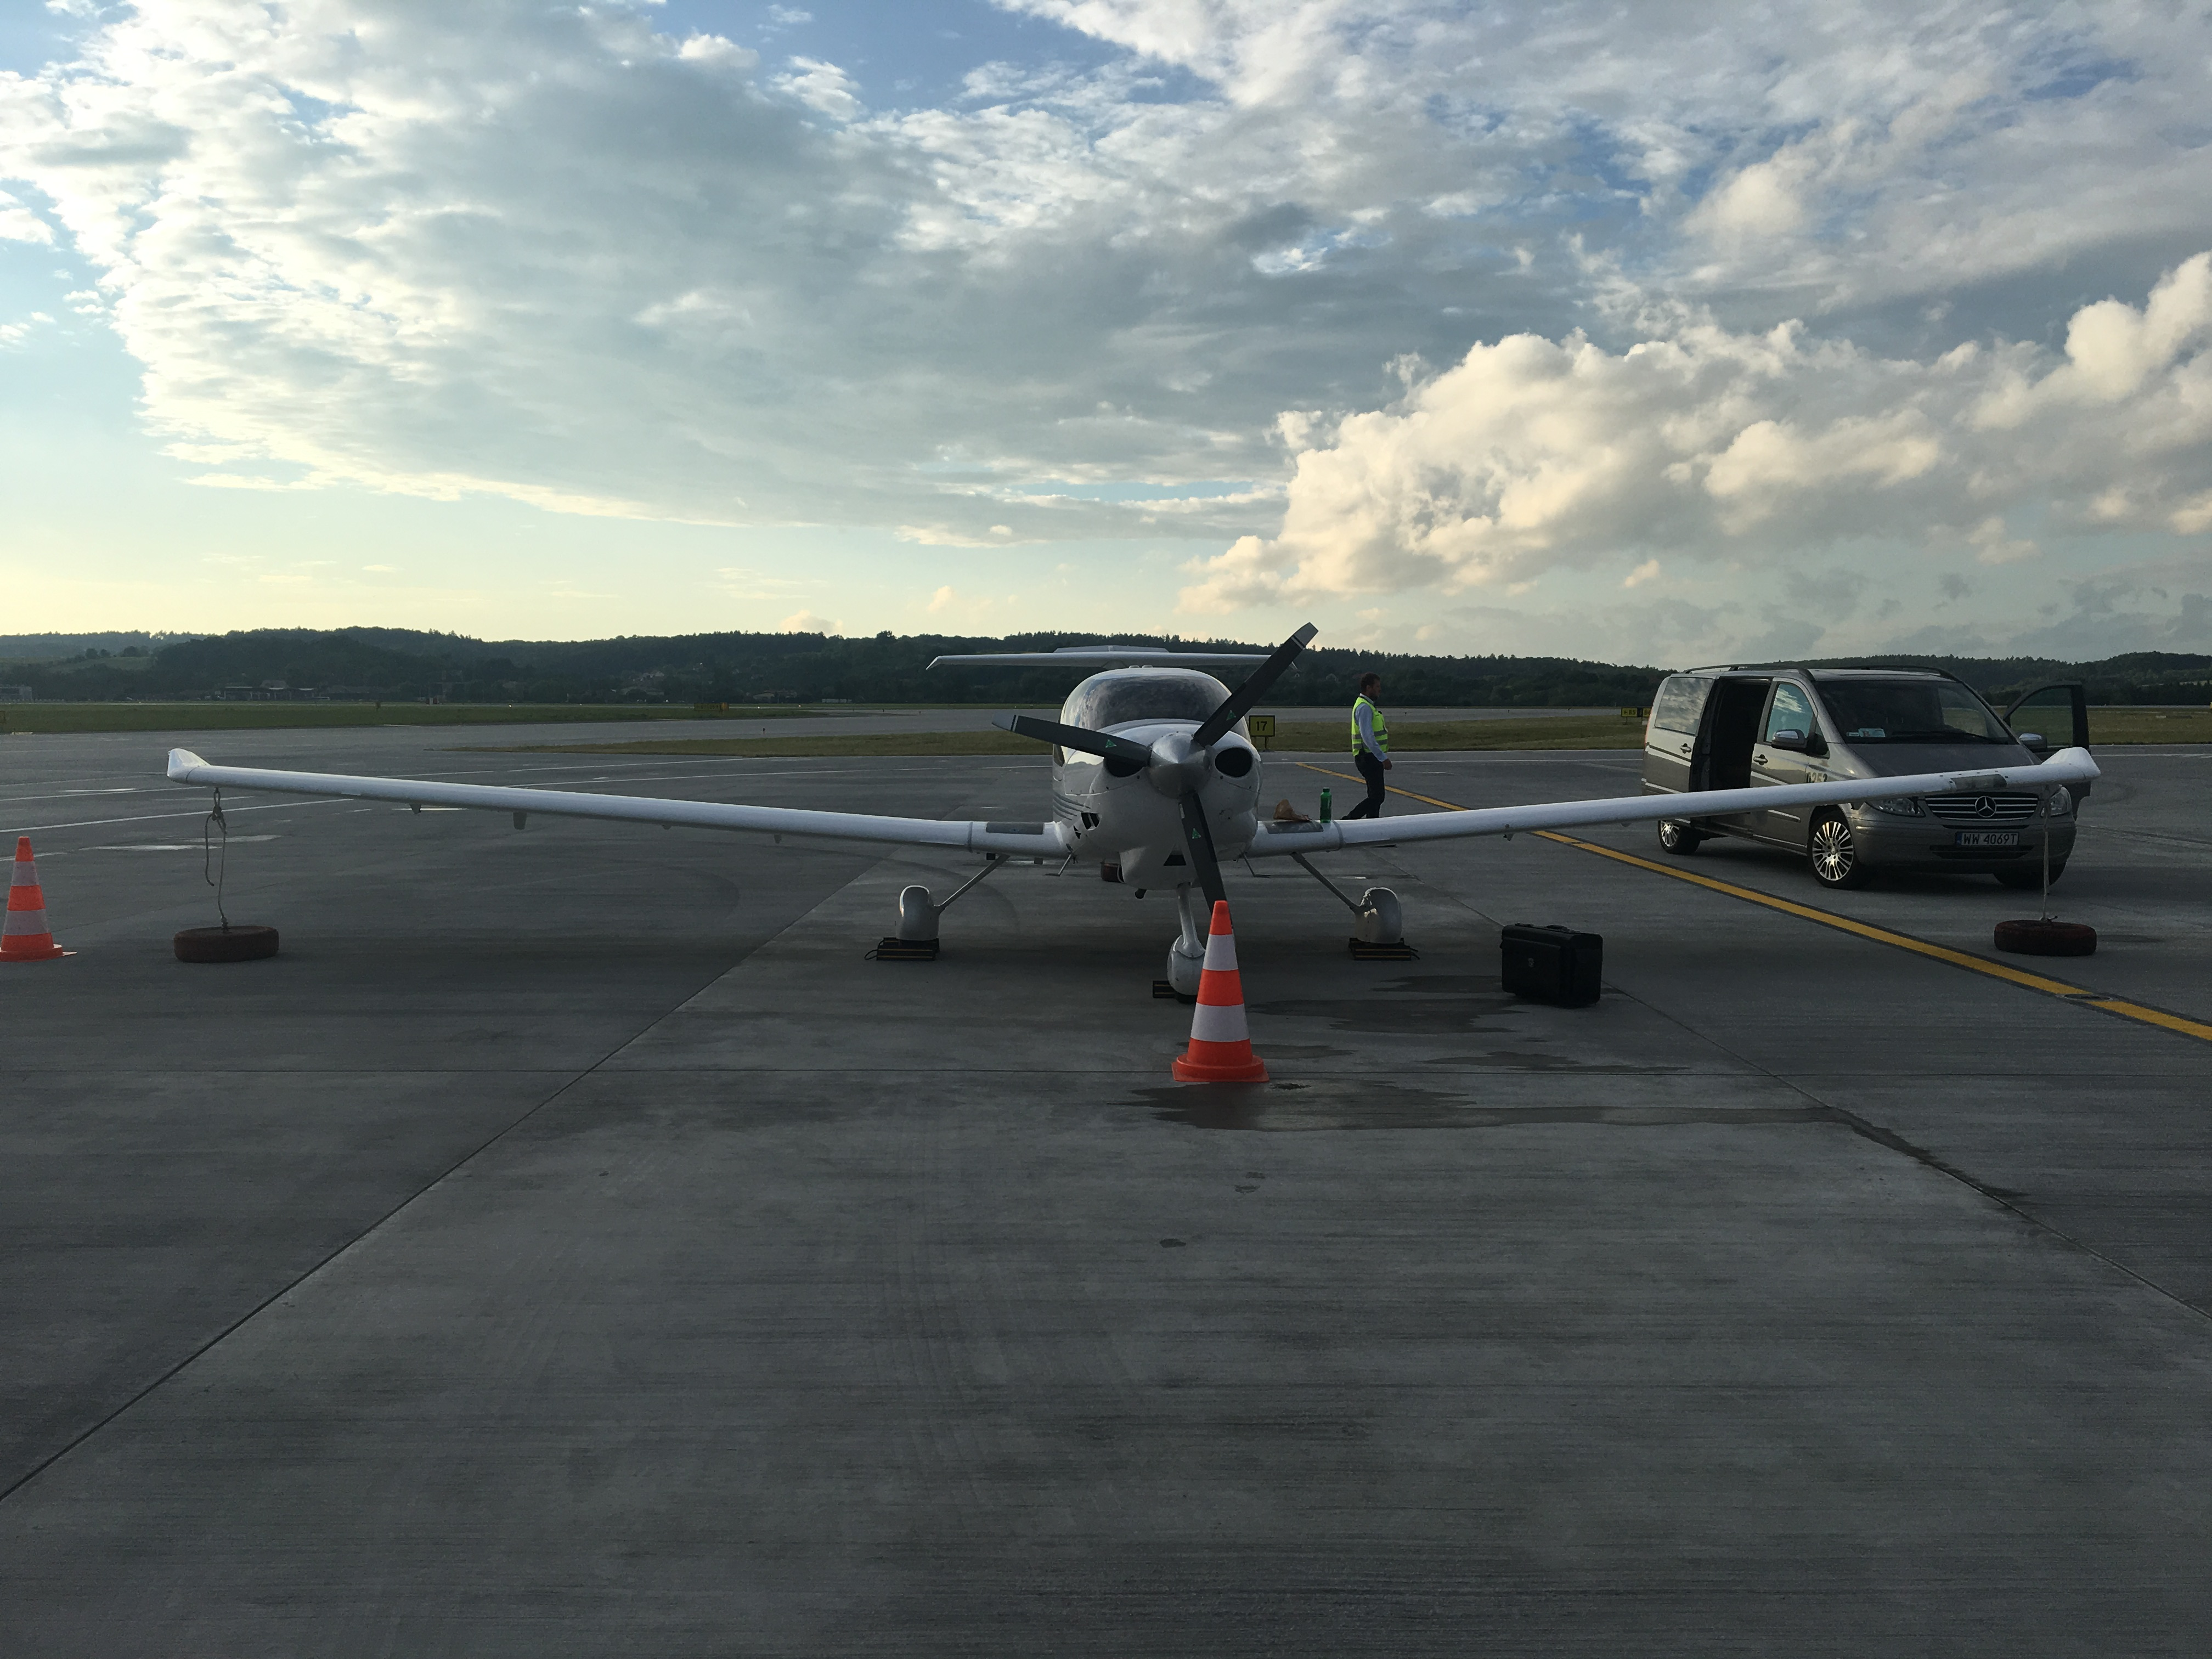 Diamond Da-40 na płycie lotniska Kraków-Balice im. Jana Pawła II (EPKK, KRK)